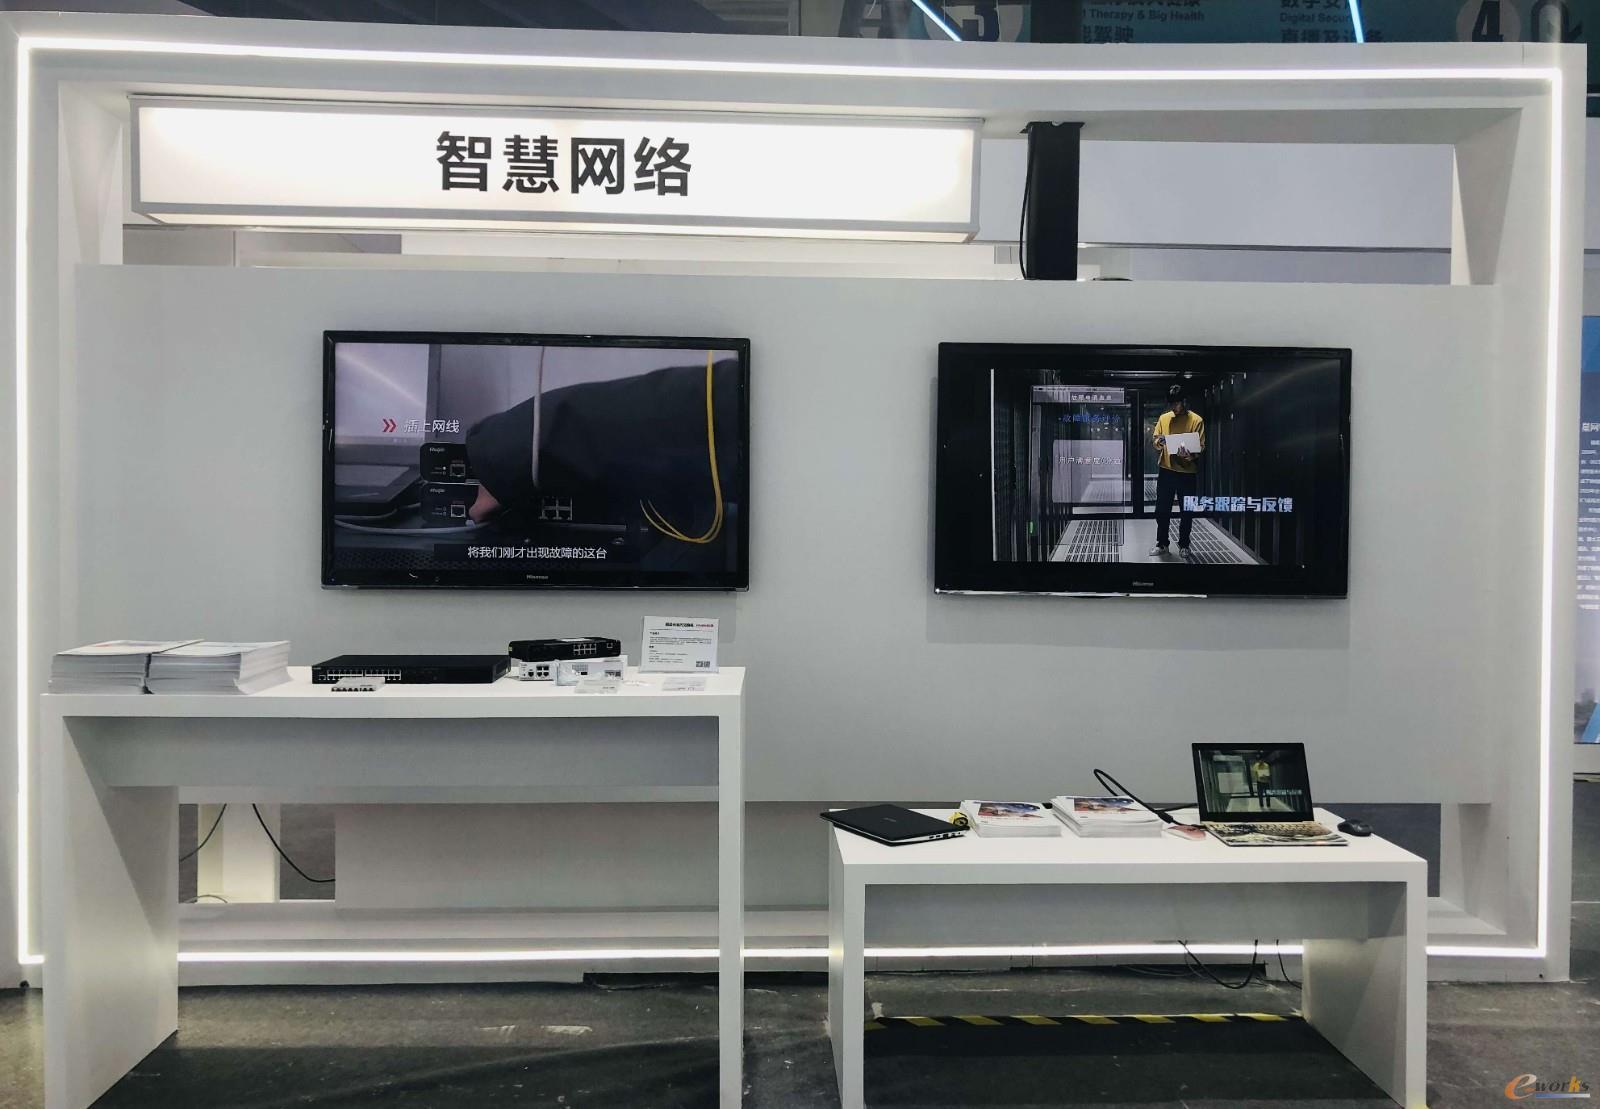 https://www.e-works.net.cn/News/articleimage/20214/132640558993364185_new.jpg